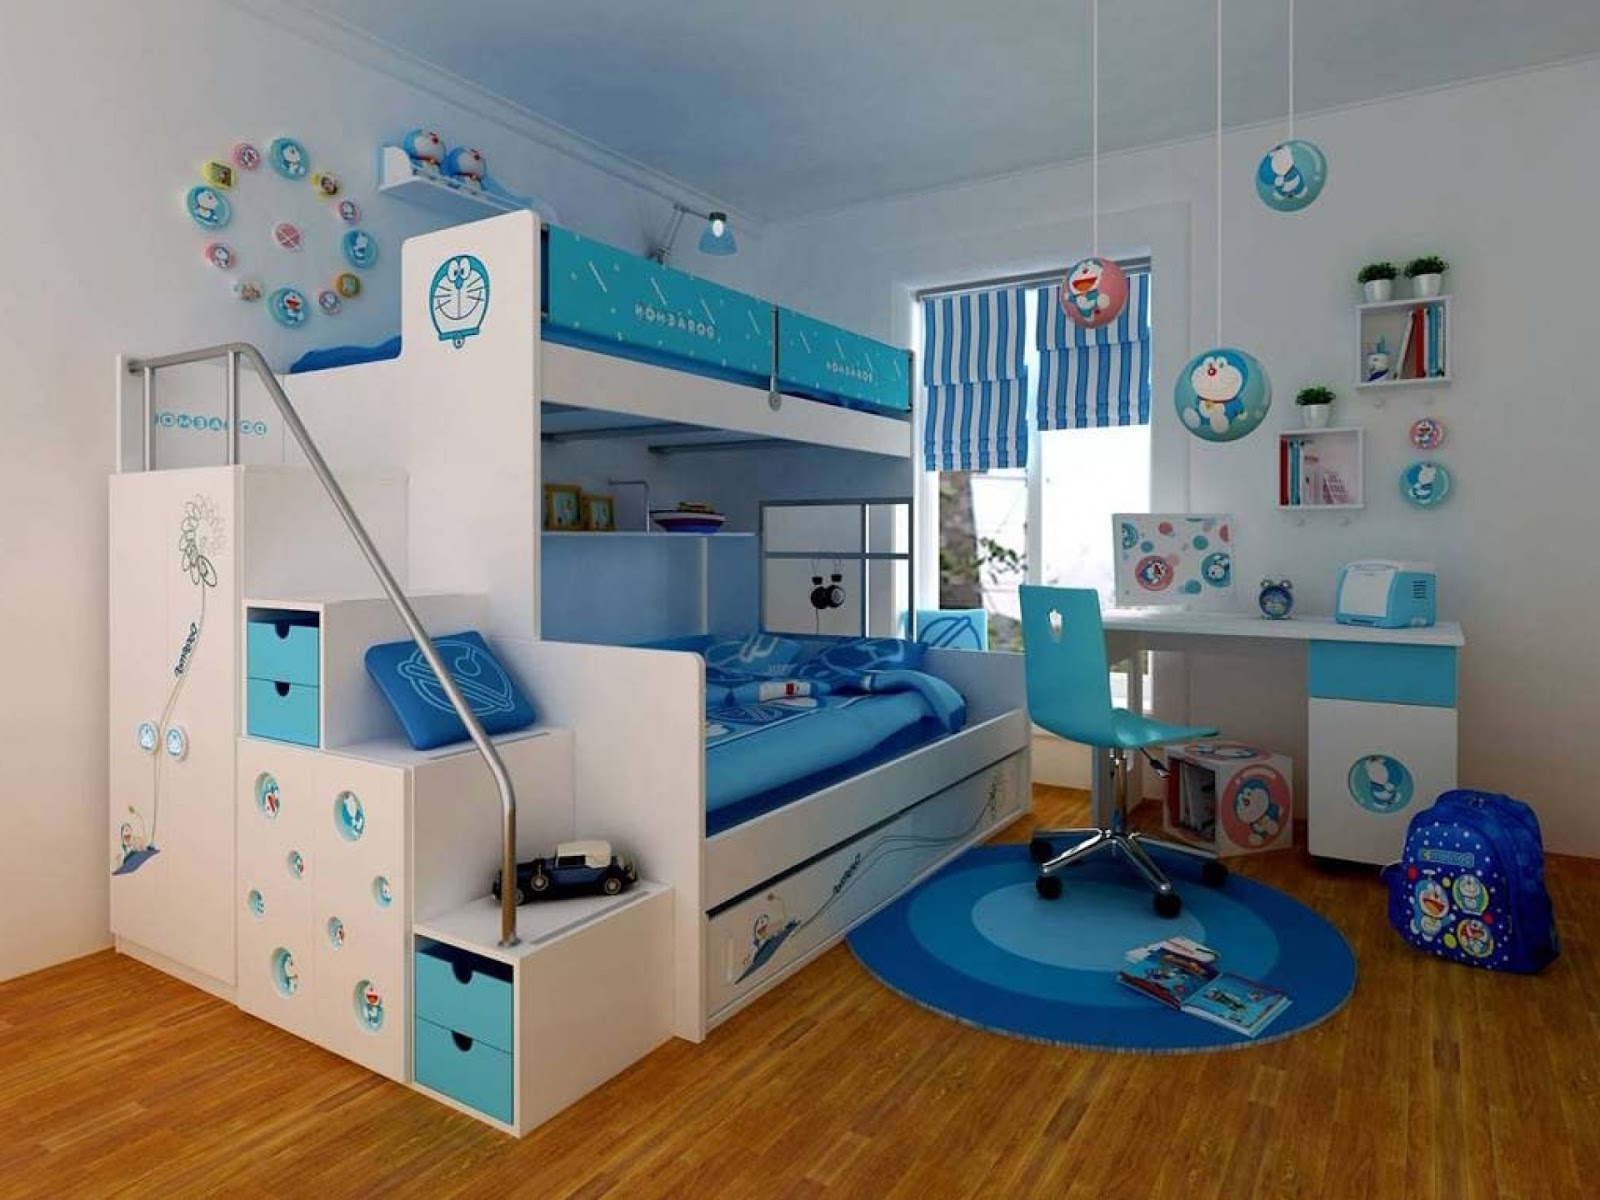 46 Ide Desain Unik Kamar Tidur Tingkat Minimalis Rumahku Unik